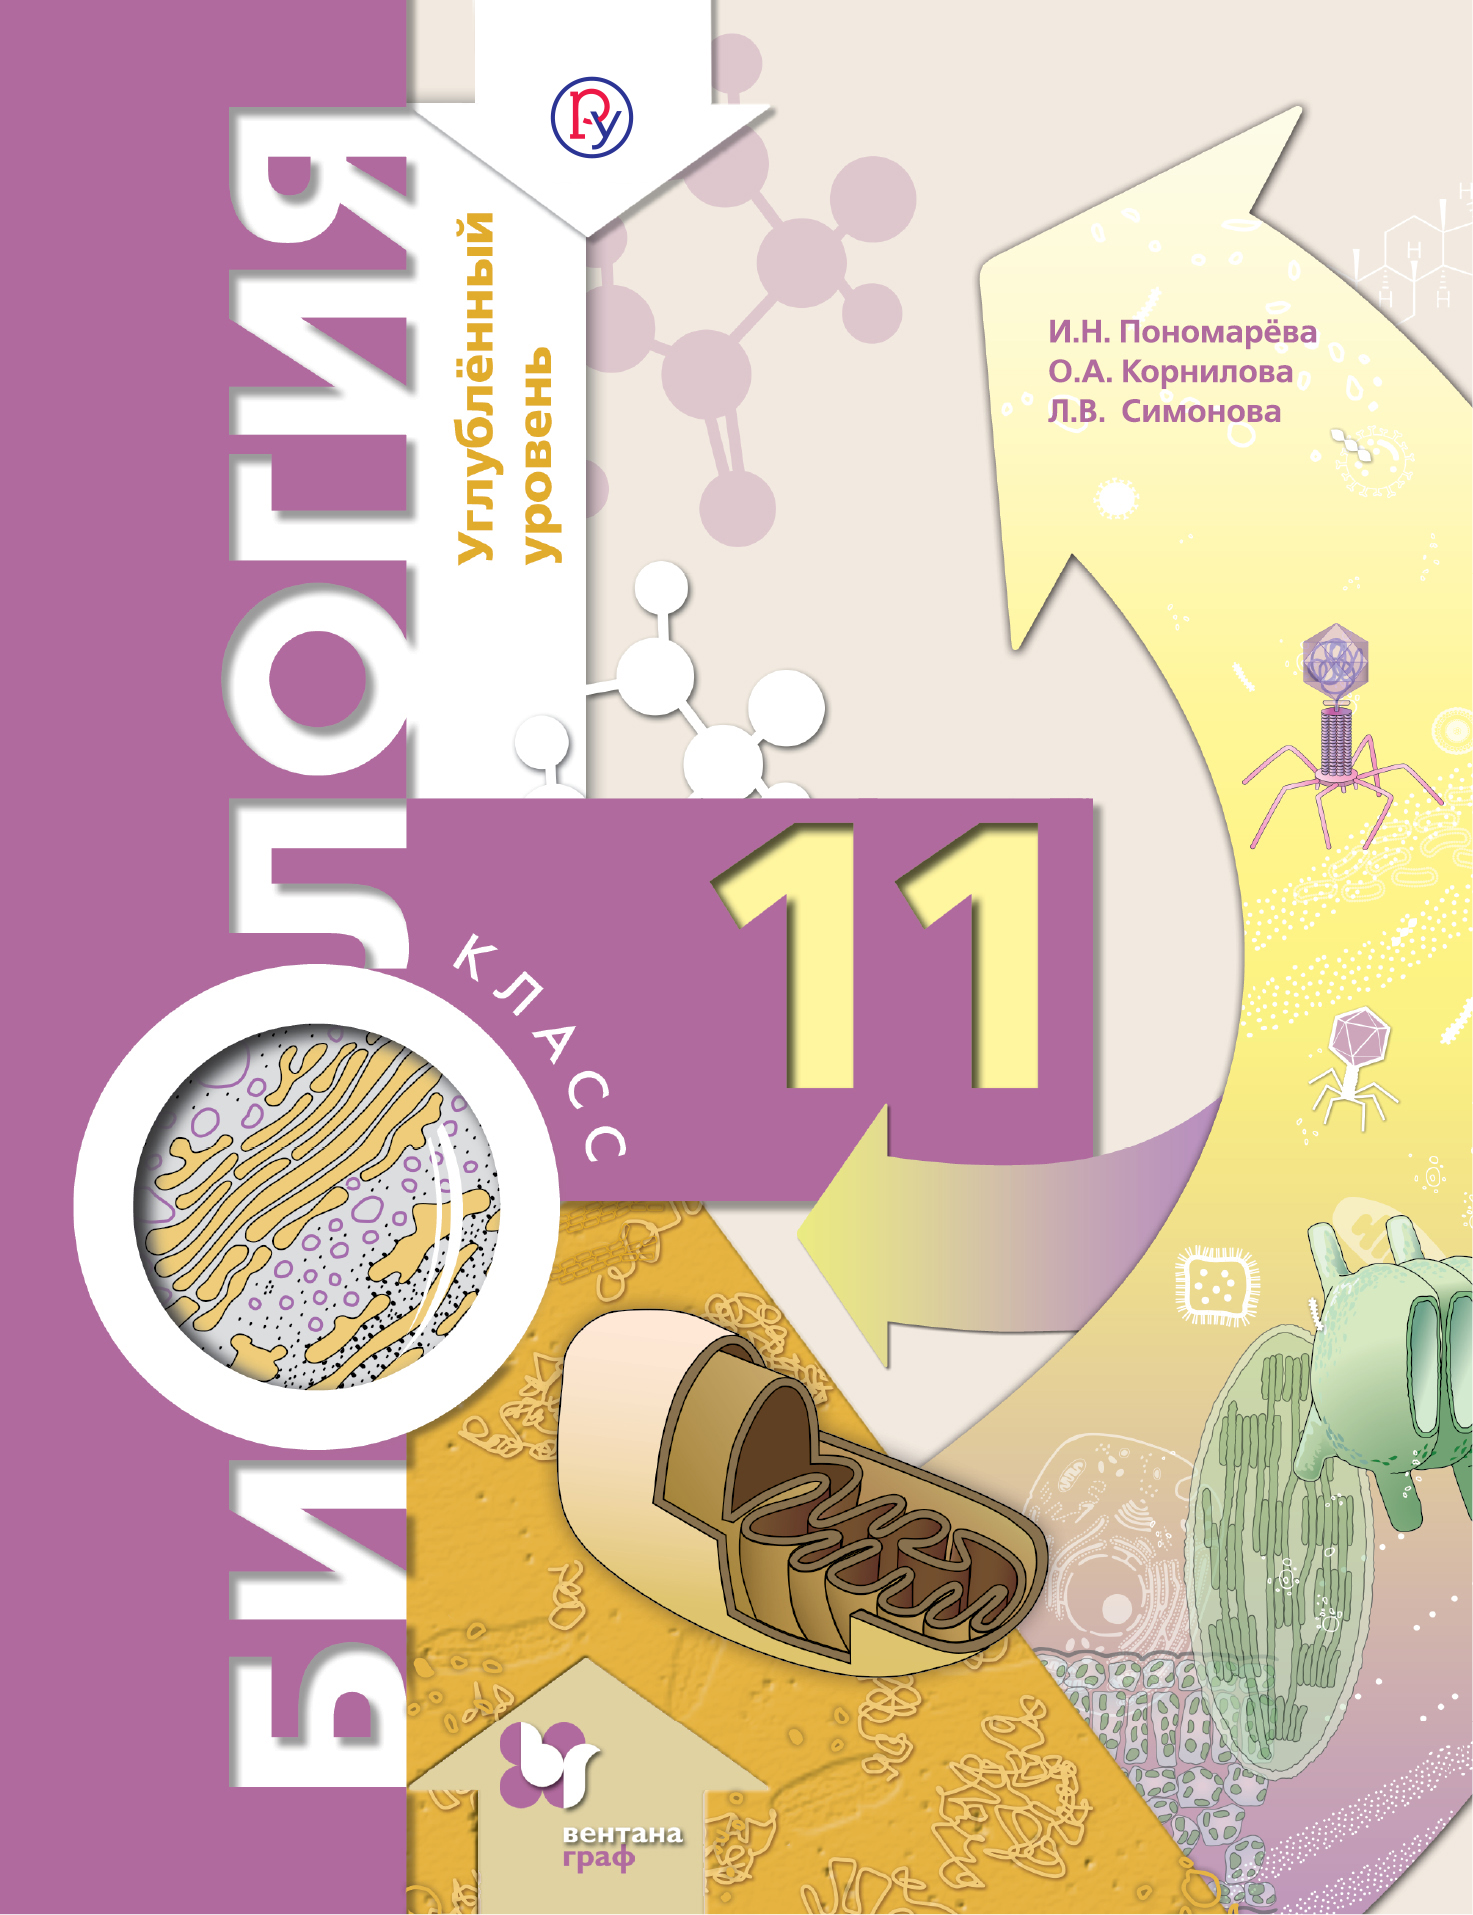 Биология. 11 класс. Углубленный уровень. Учебник ( Пономарева И.Н., Корнилова О.А., Симонова Л.В.  )